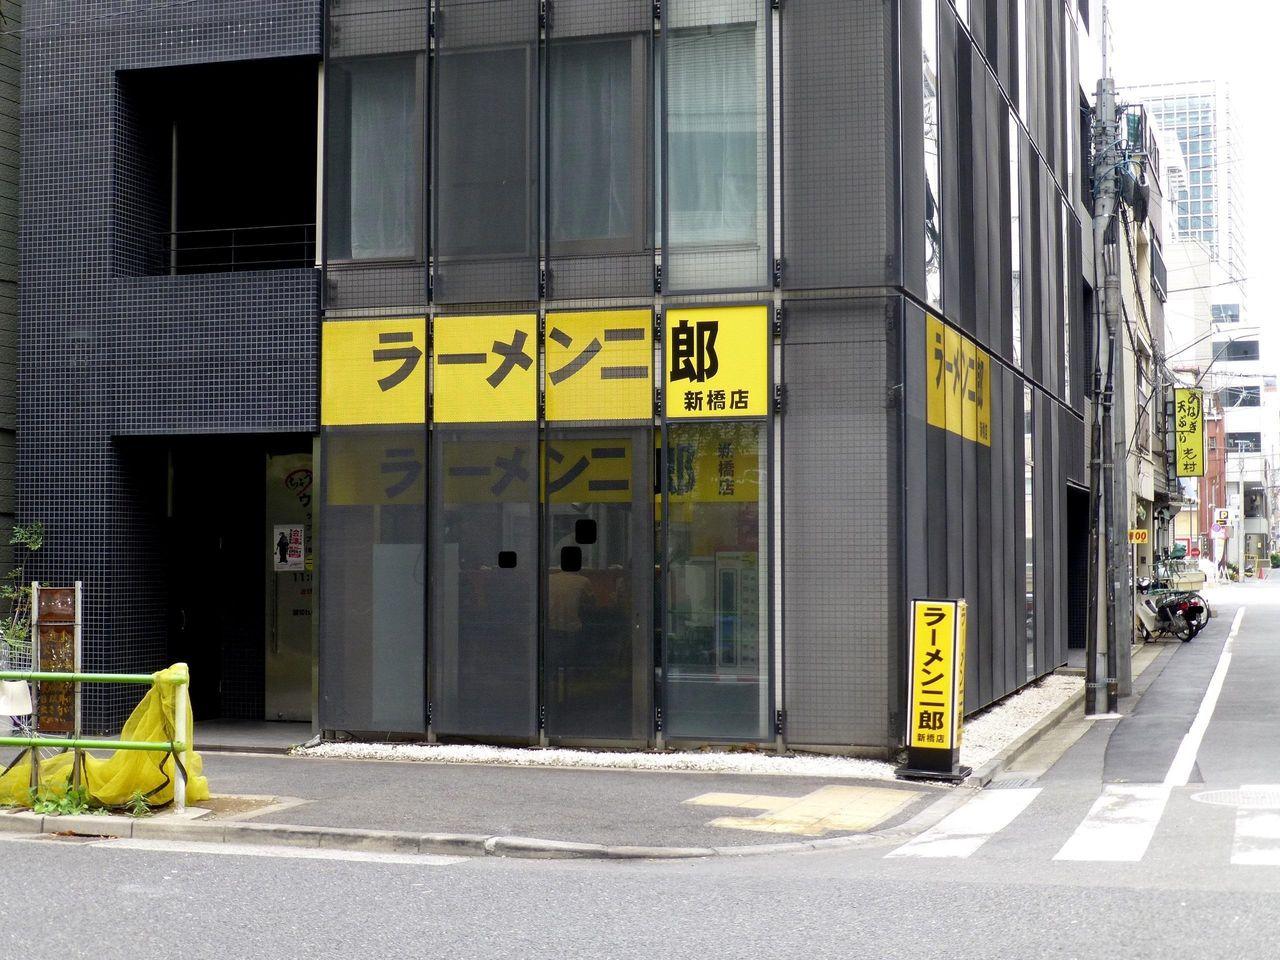 ラーメン二郎新橋店は、あまり行列しない超穴場です!